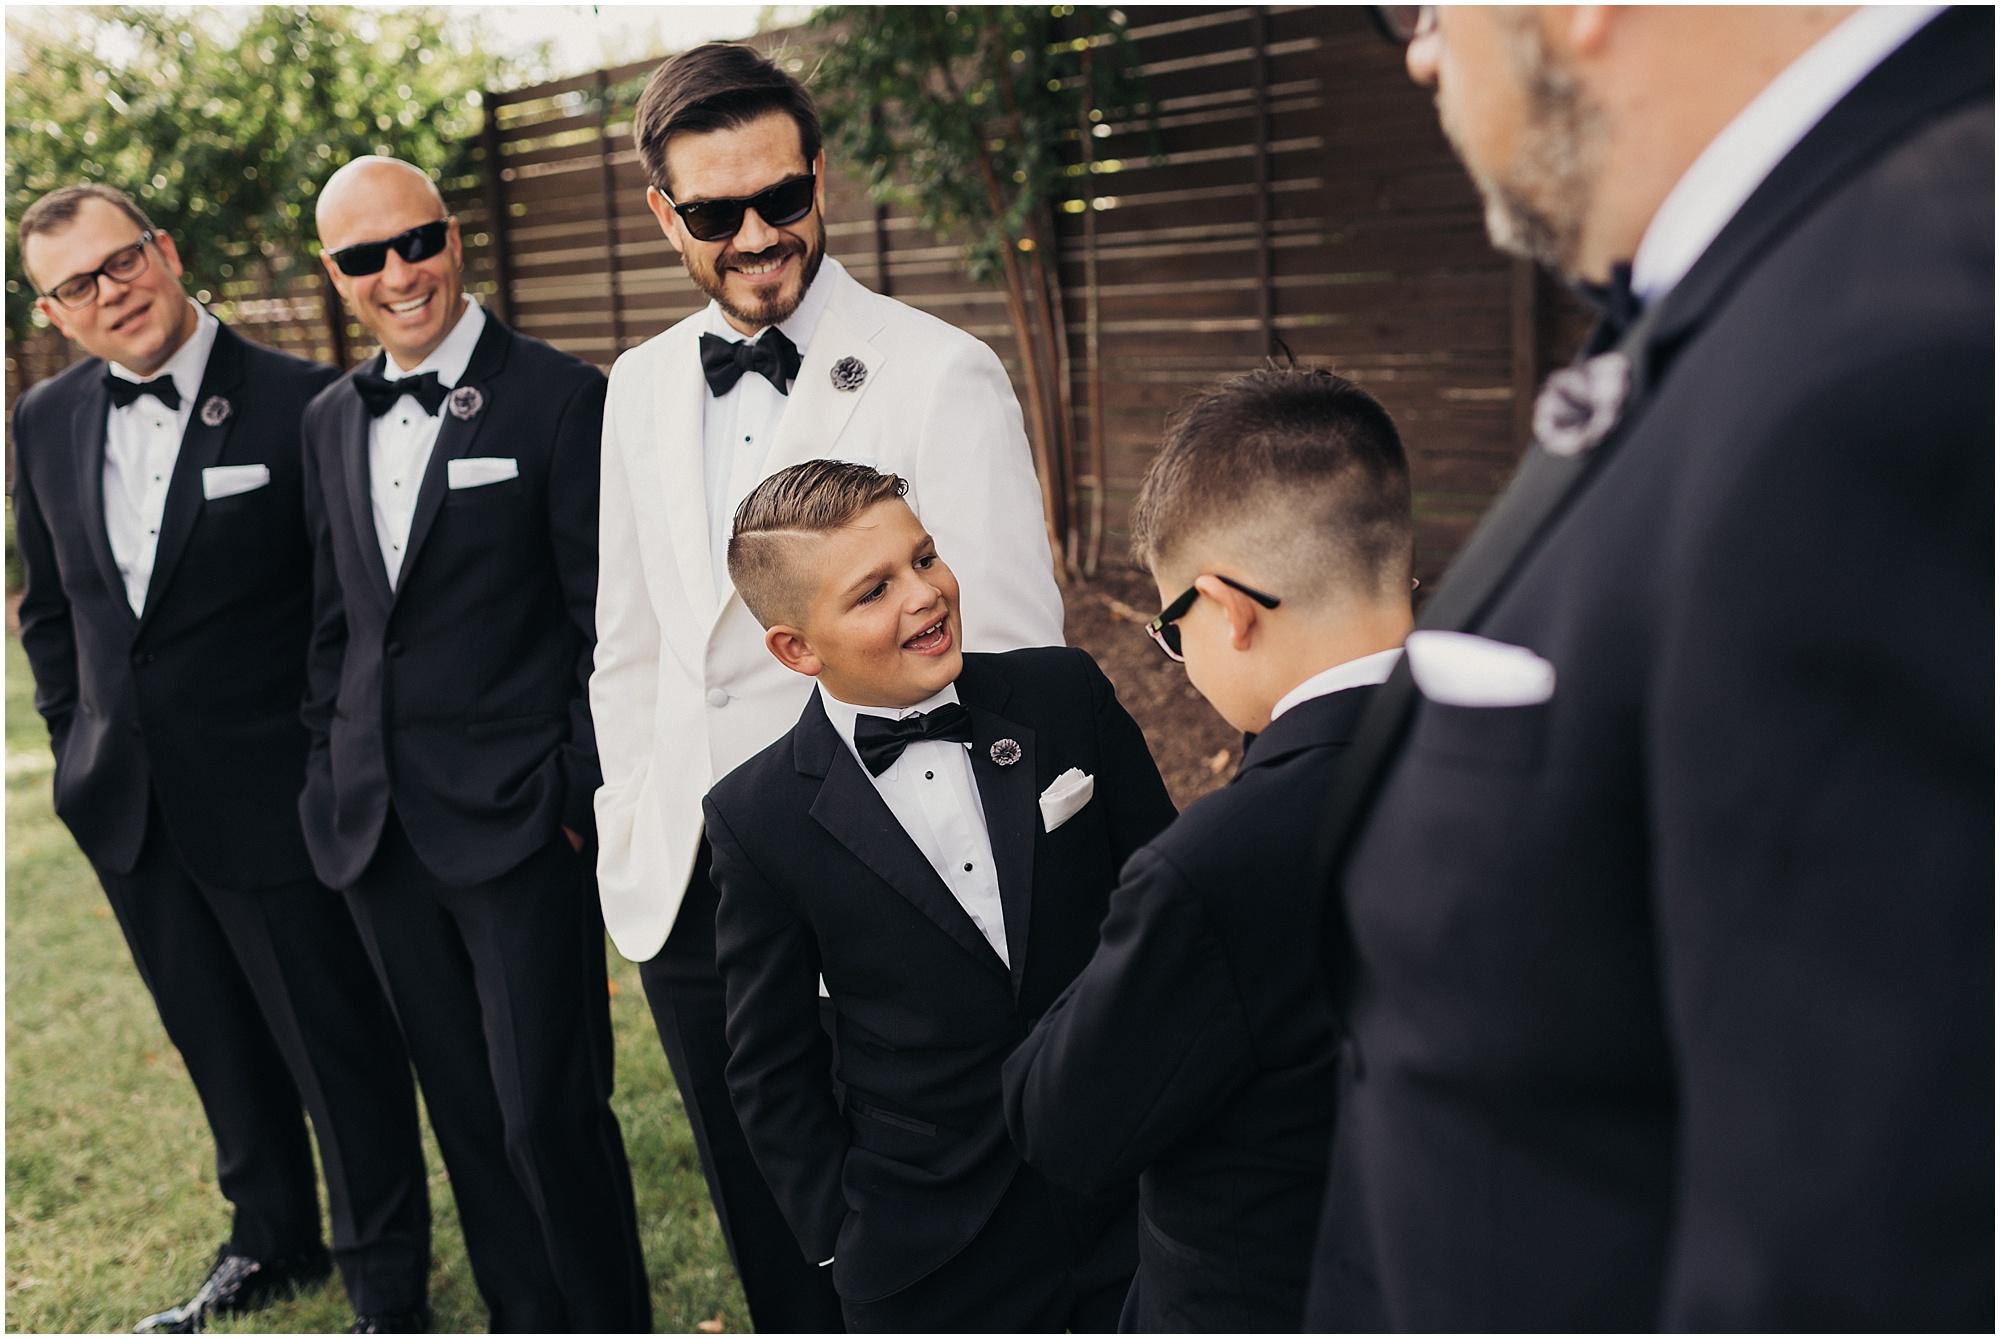 Young groomsmen